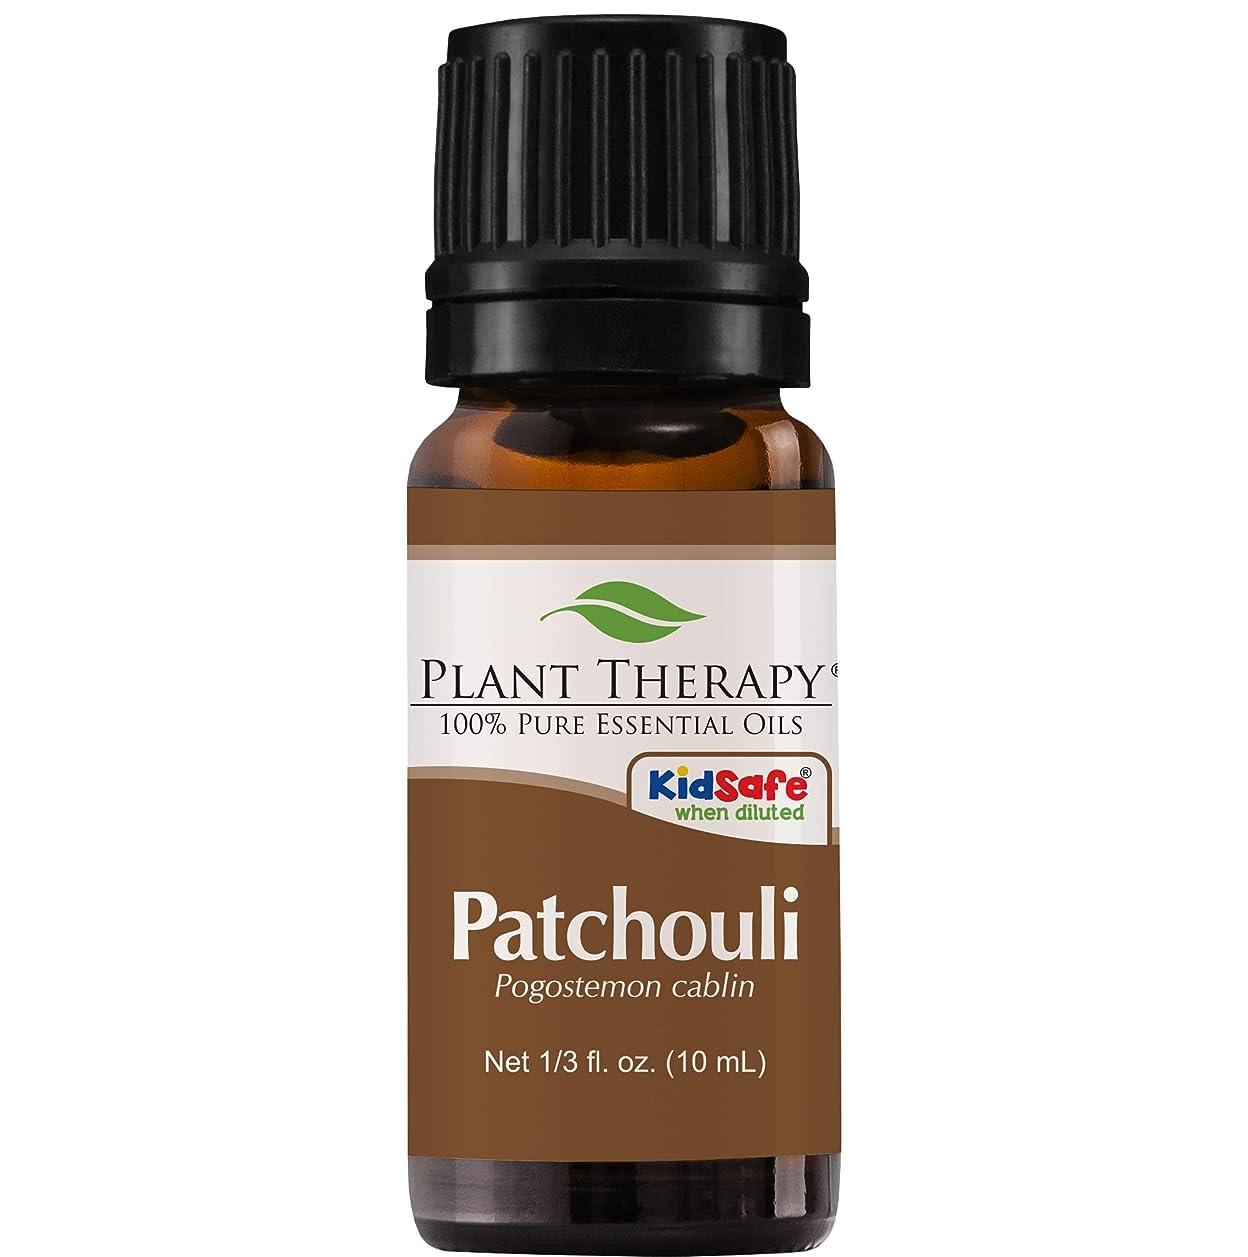 十分ではない未払い敬なPlant Therapy Essential Oils (プラントセラピー エッセンシャルオイル) パチョリ エッセンシャルオイル